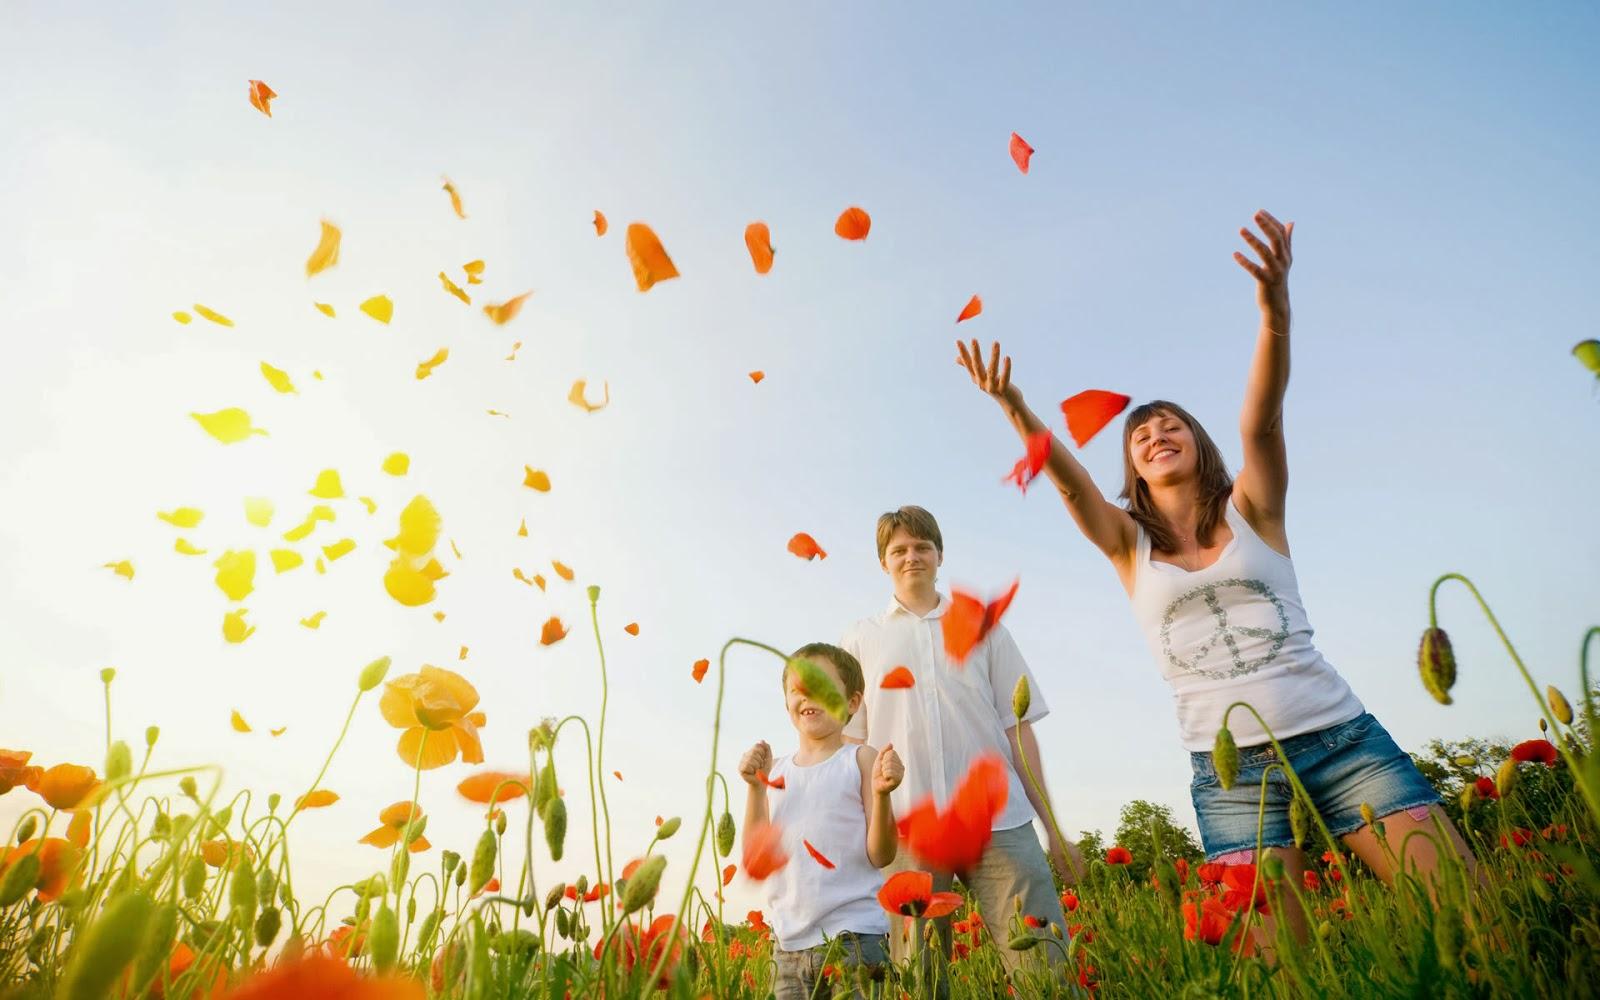 5 خطوات تجعلك تشعر بالعيد في زمن الطفولة